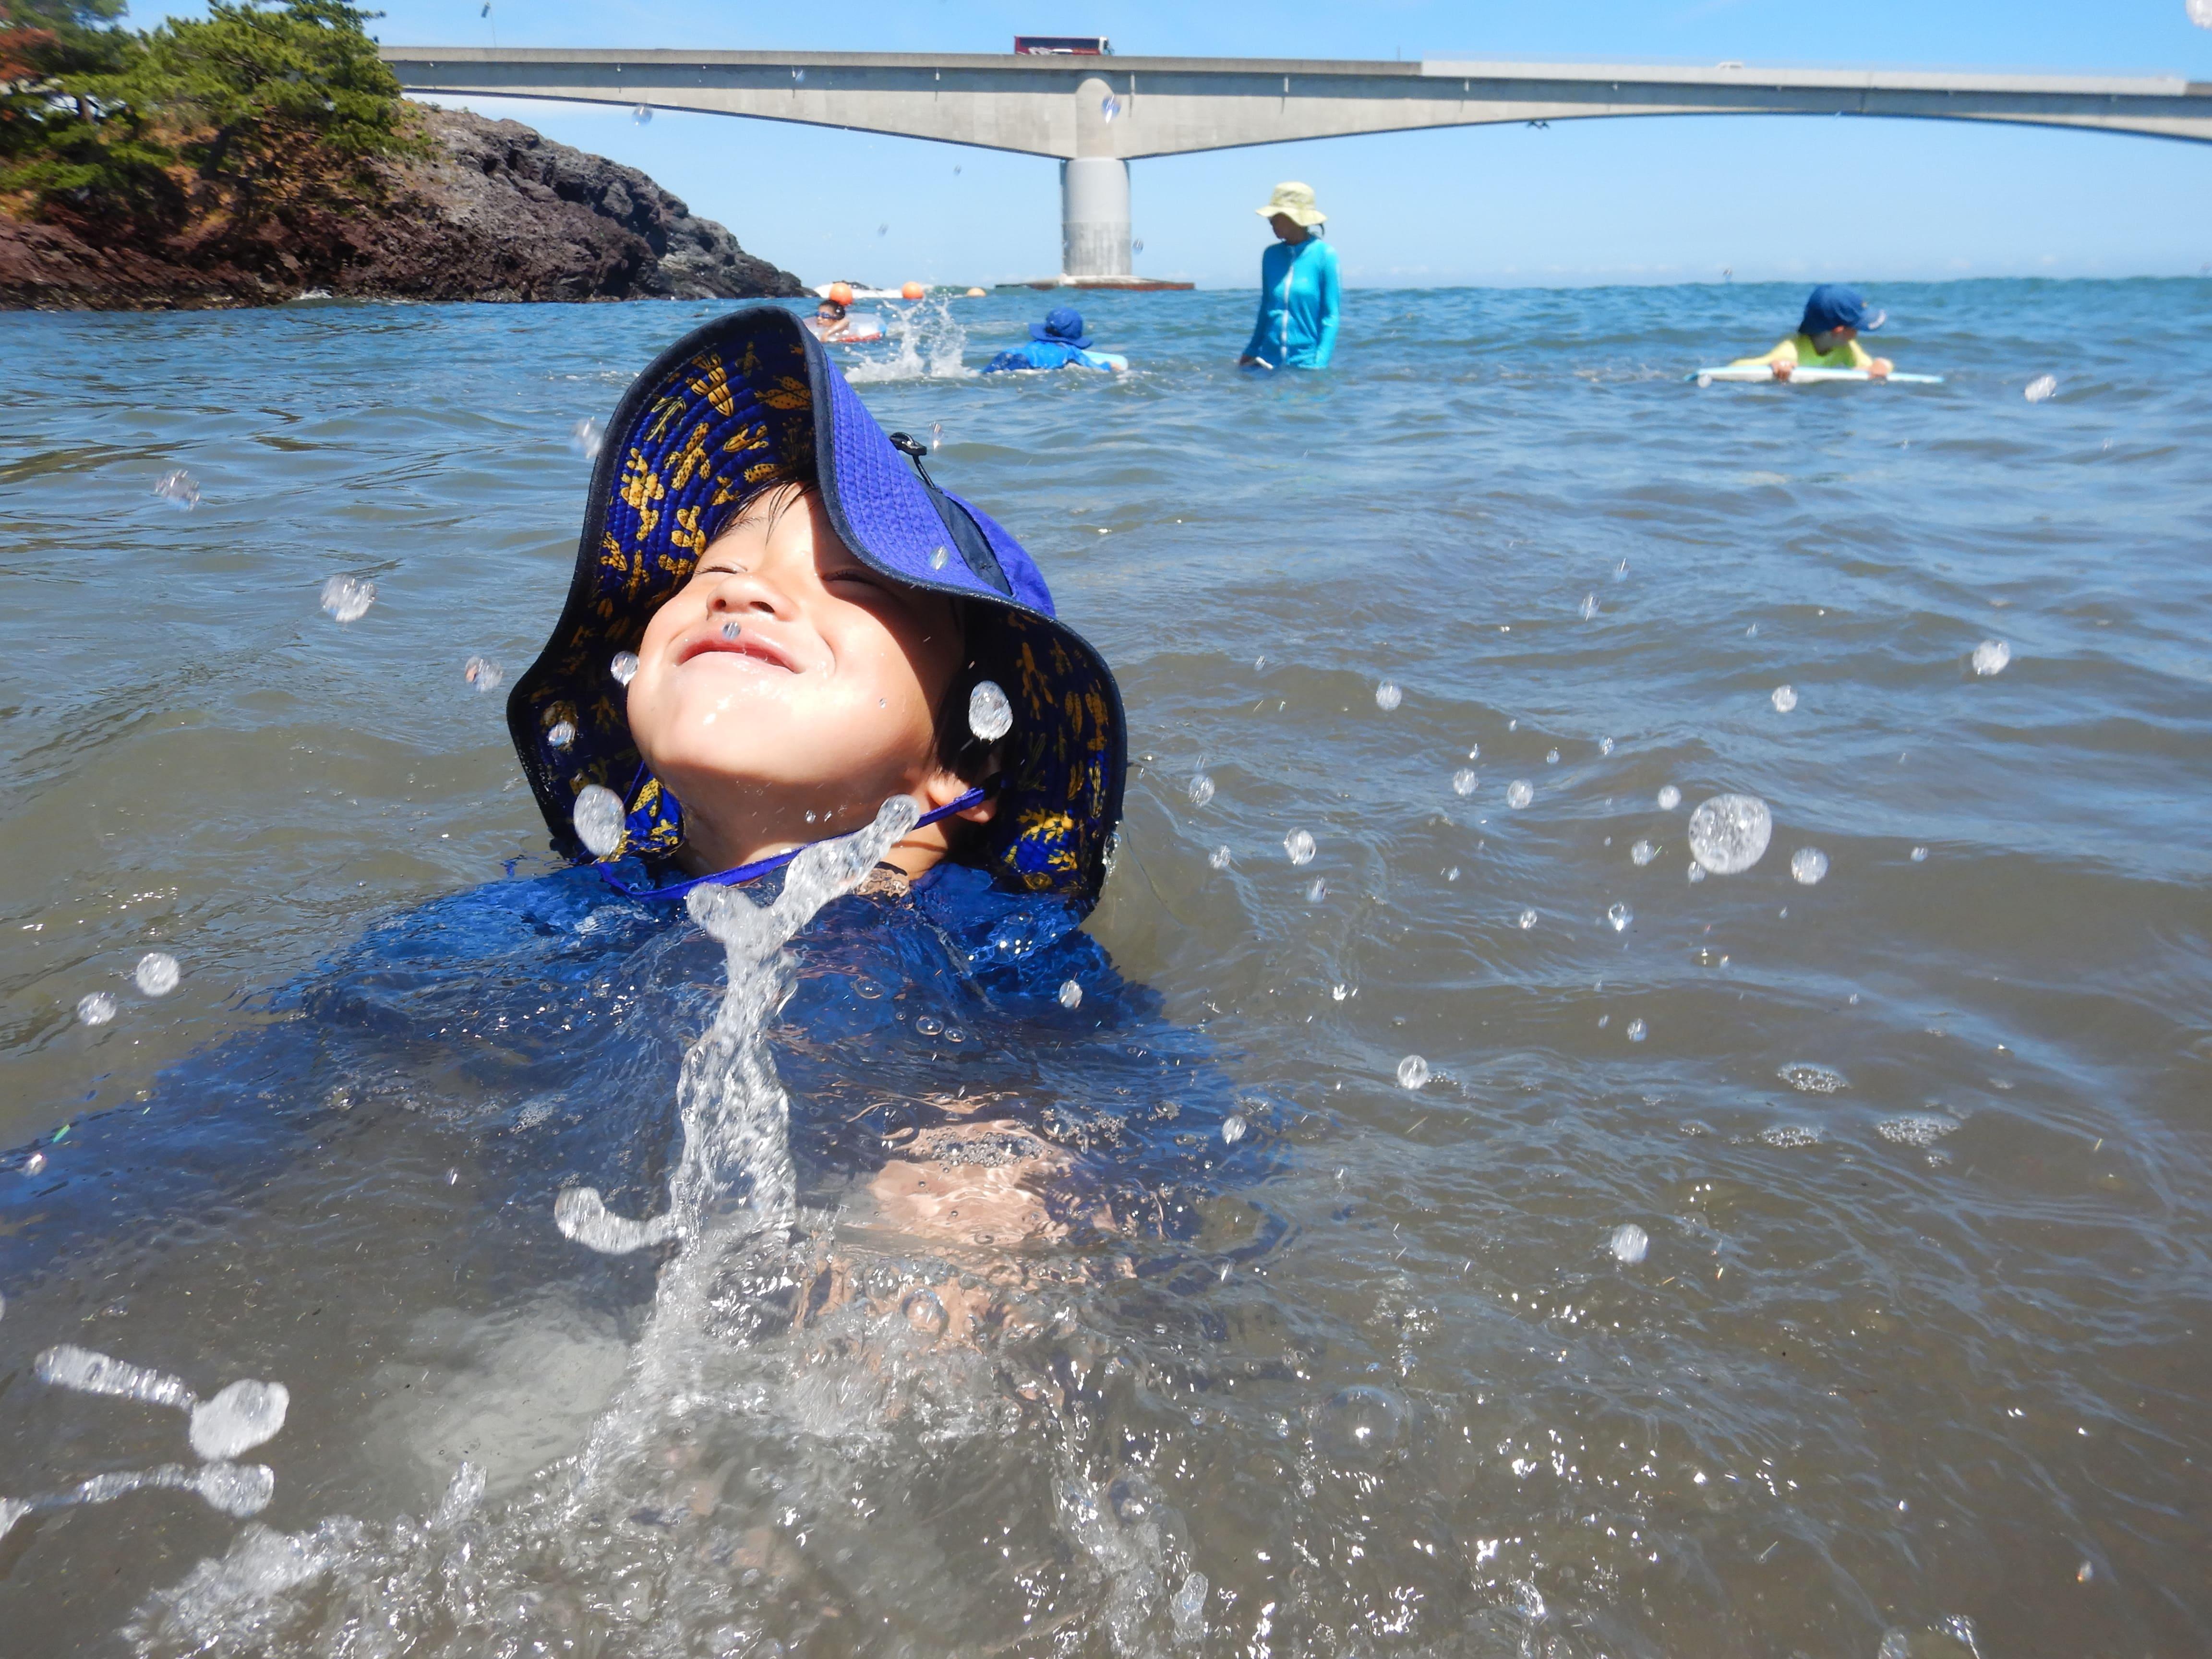 2020年度 夏の冒険キャンプ/海あそびキャンプ申込受付を開始します!